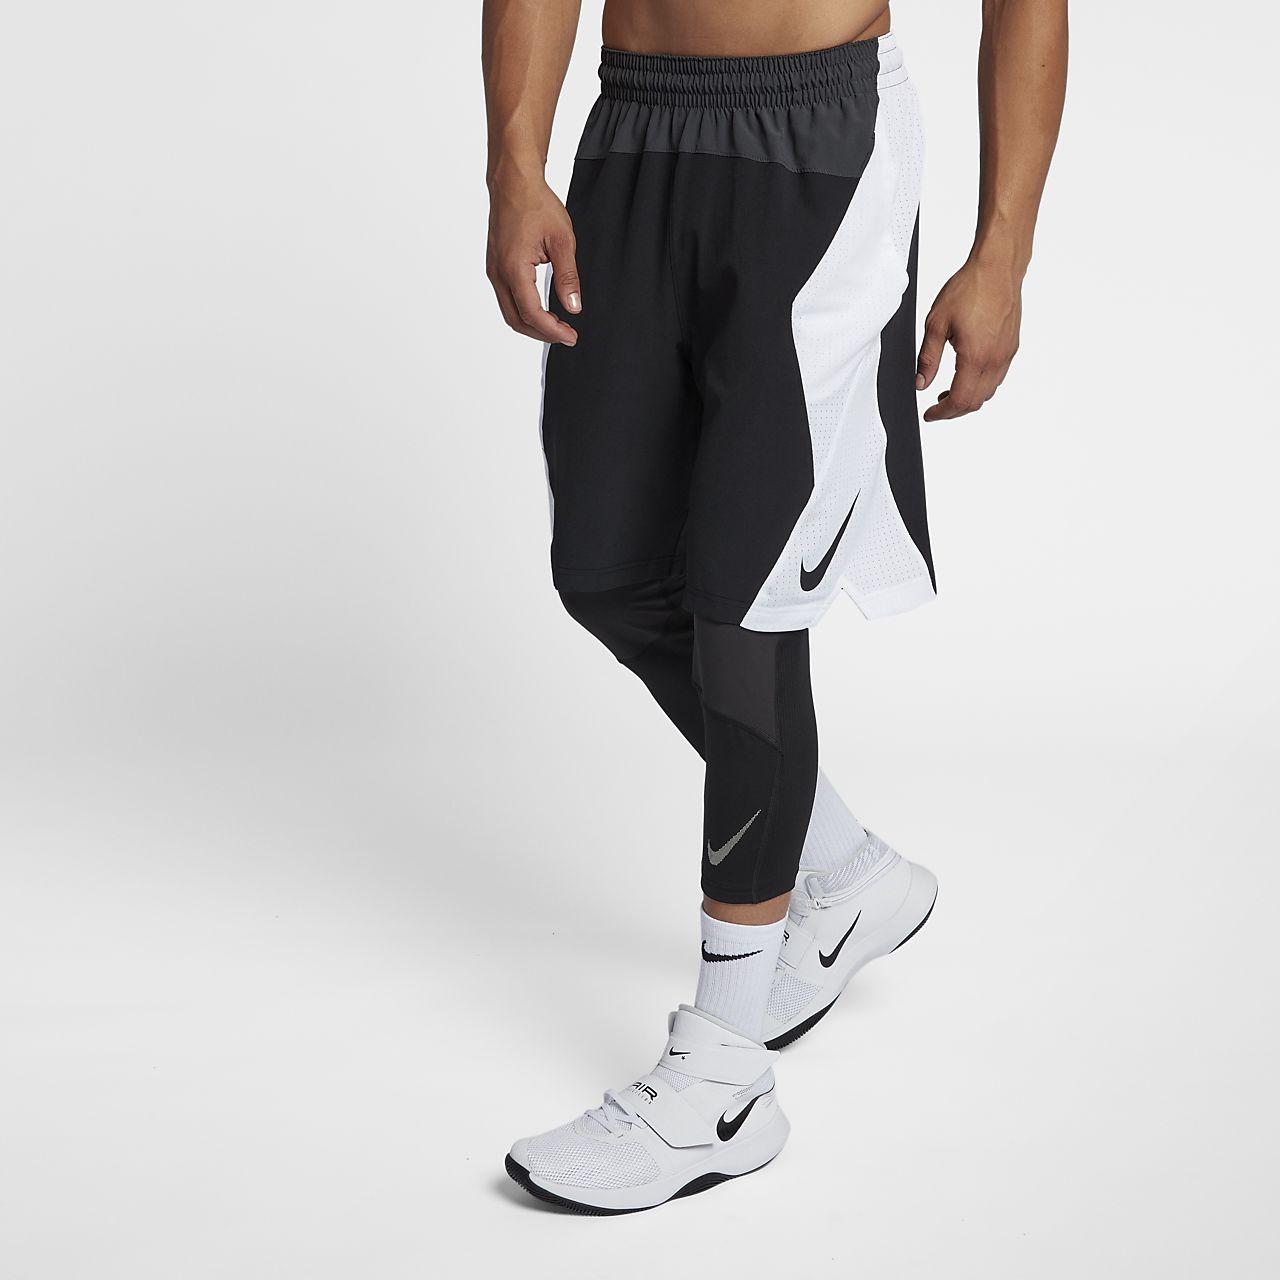 cómodo sneakernews de salida Nike Para Hombre Pantalones De Baloncesto Dri Fit venta barata genuina popular almacenista en línea jvCcI